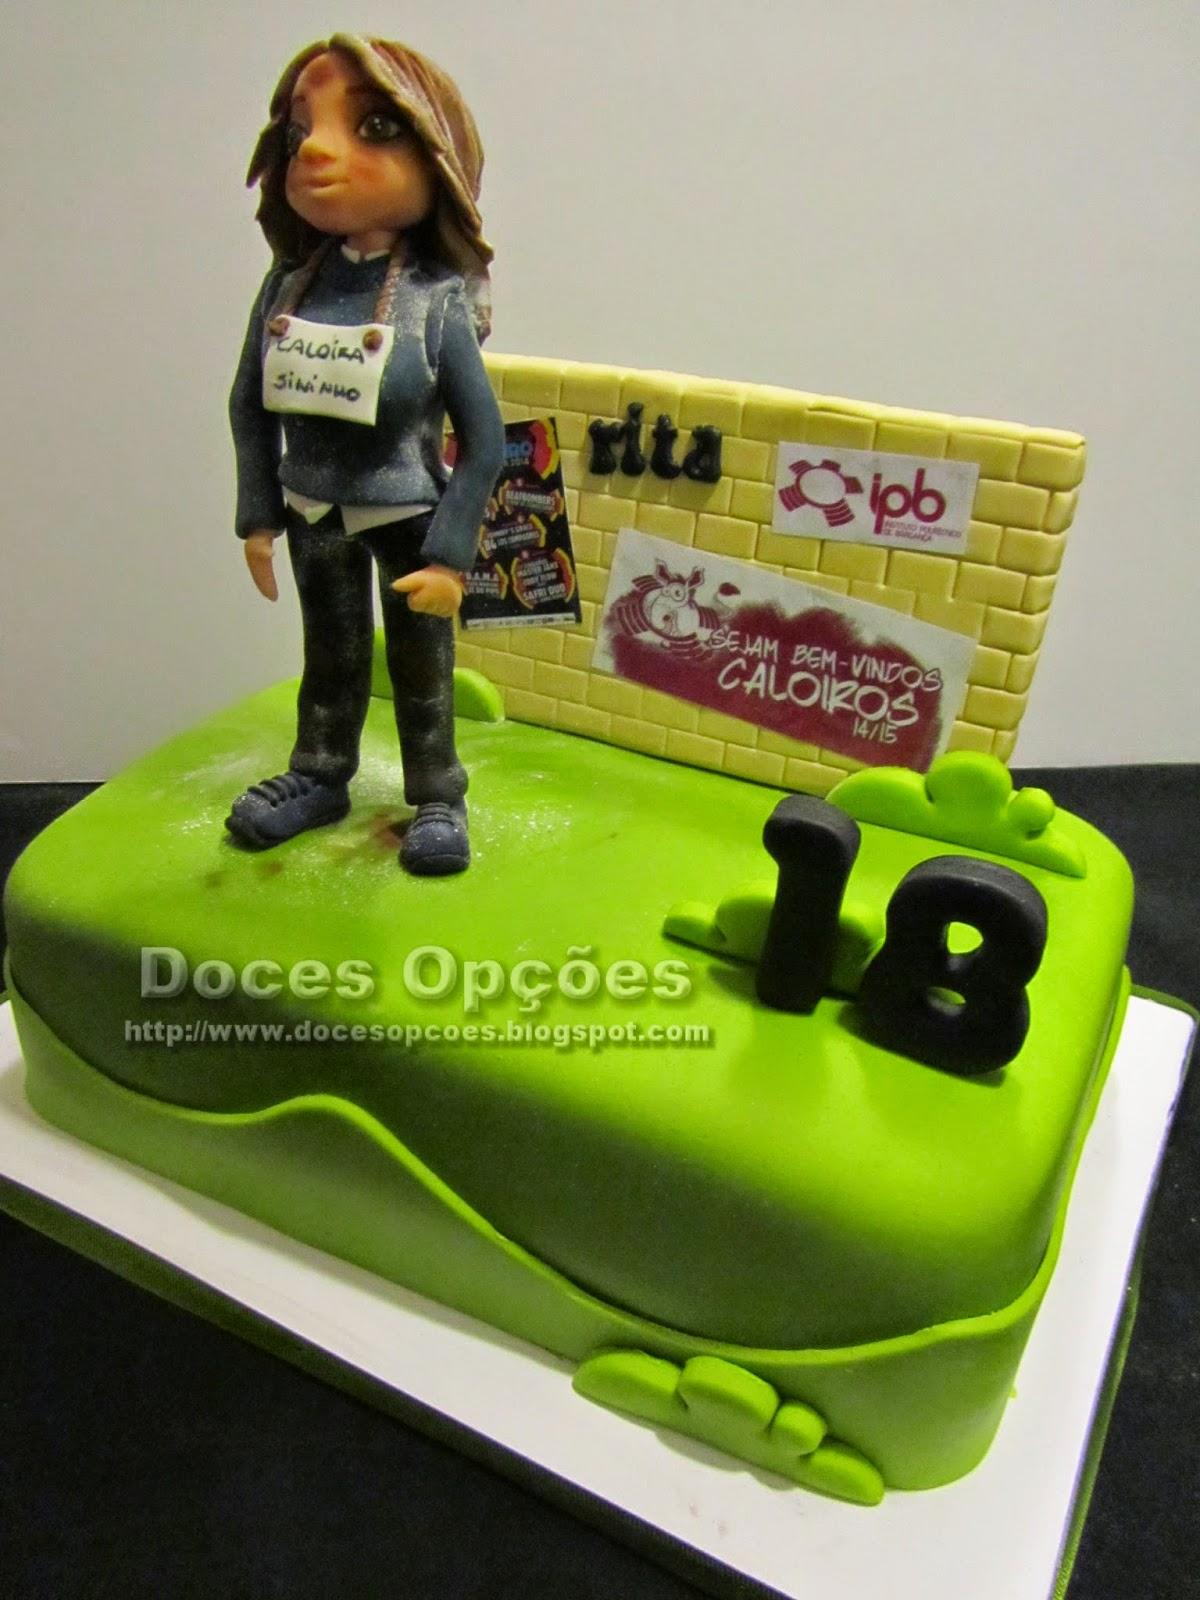 bolo decorado praxe caloiros bragança doces opções